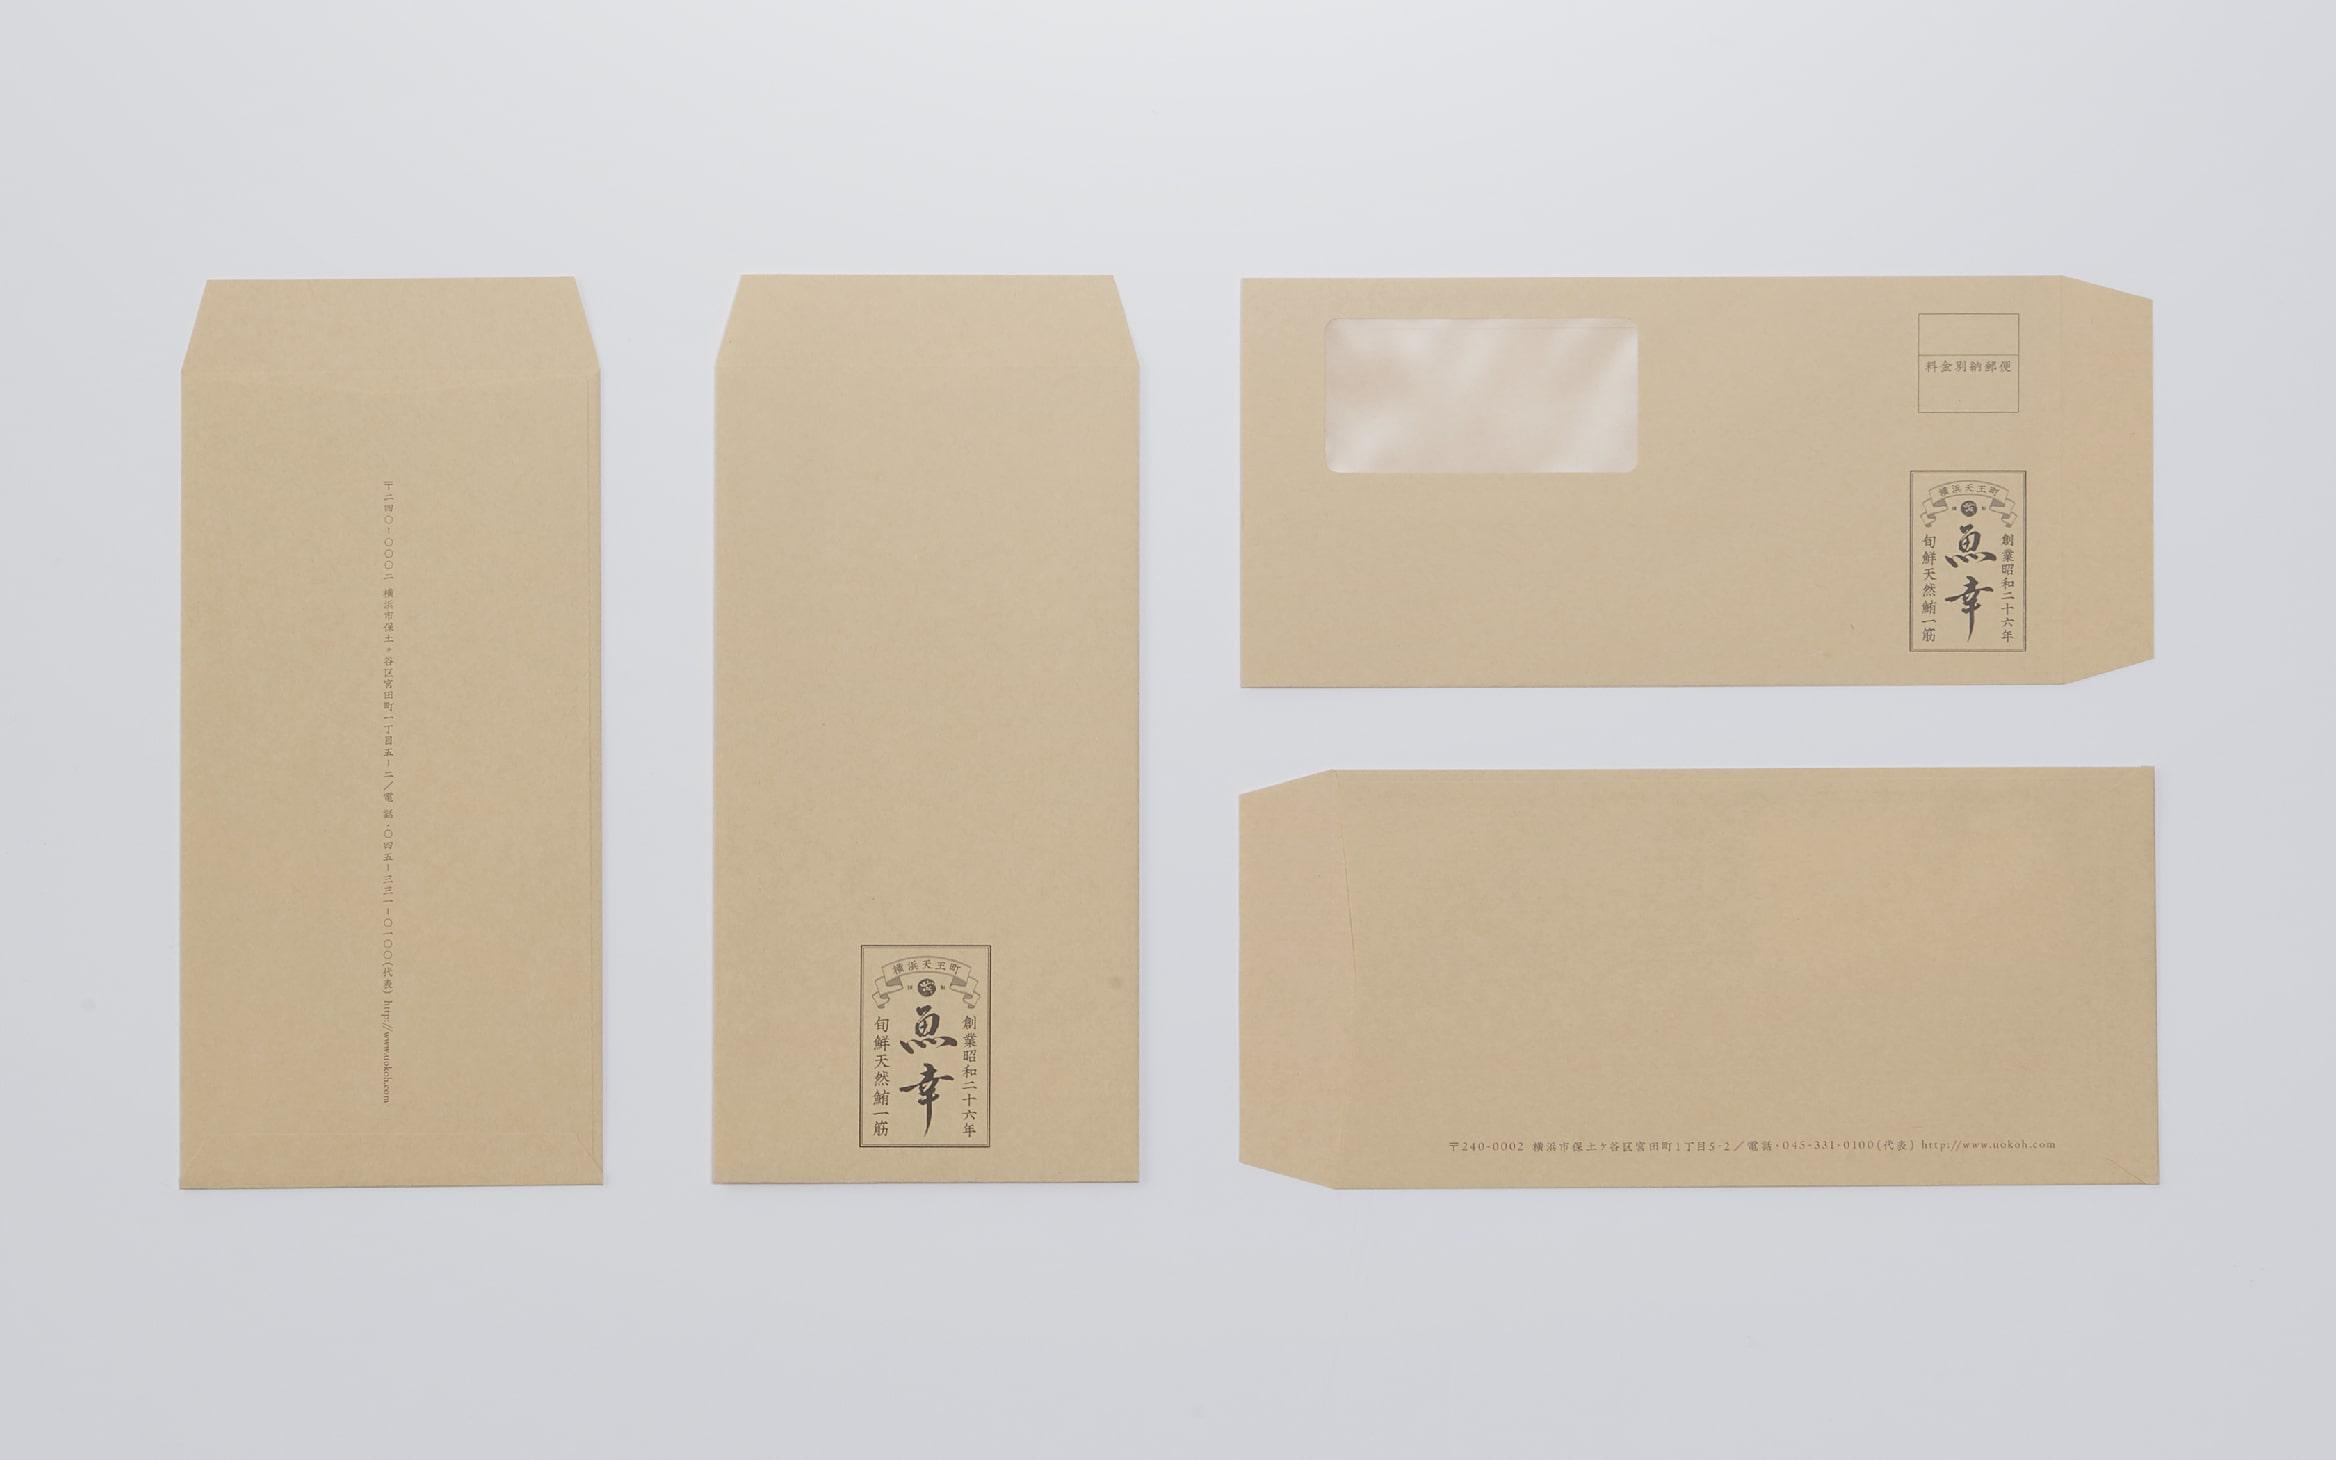 魚幸水産の封筒デザイン